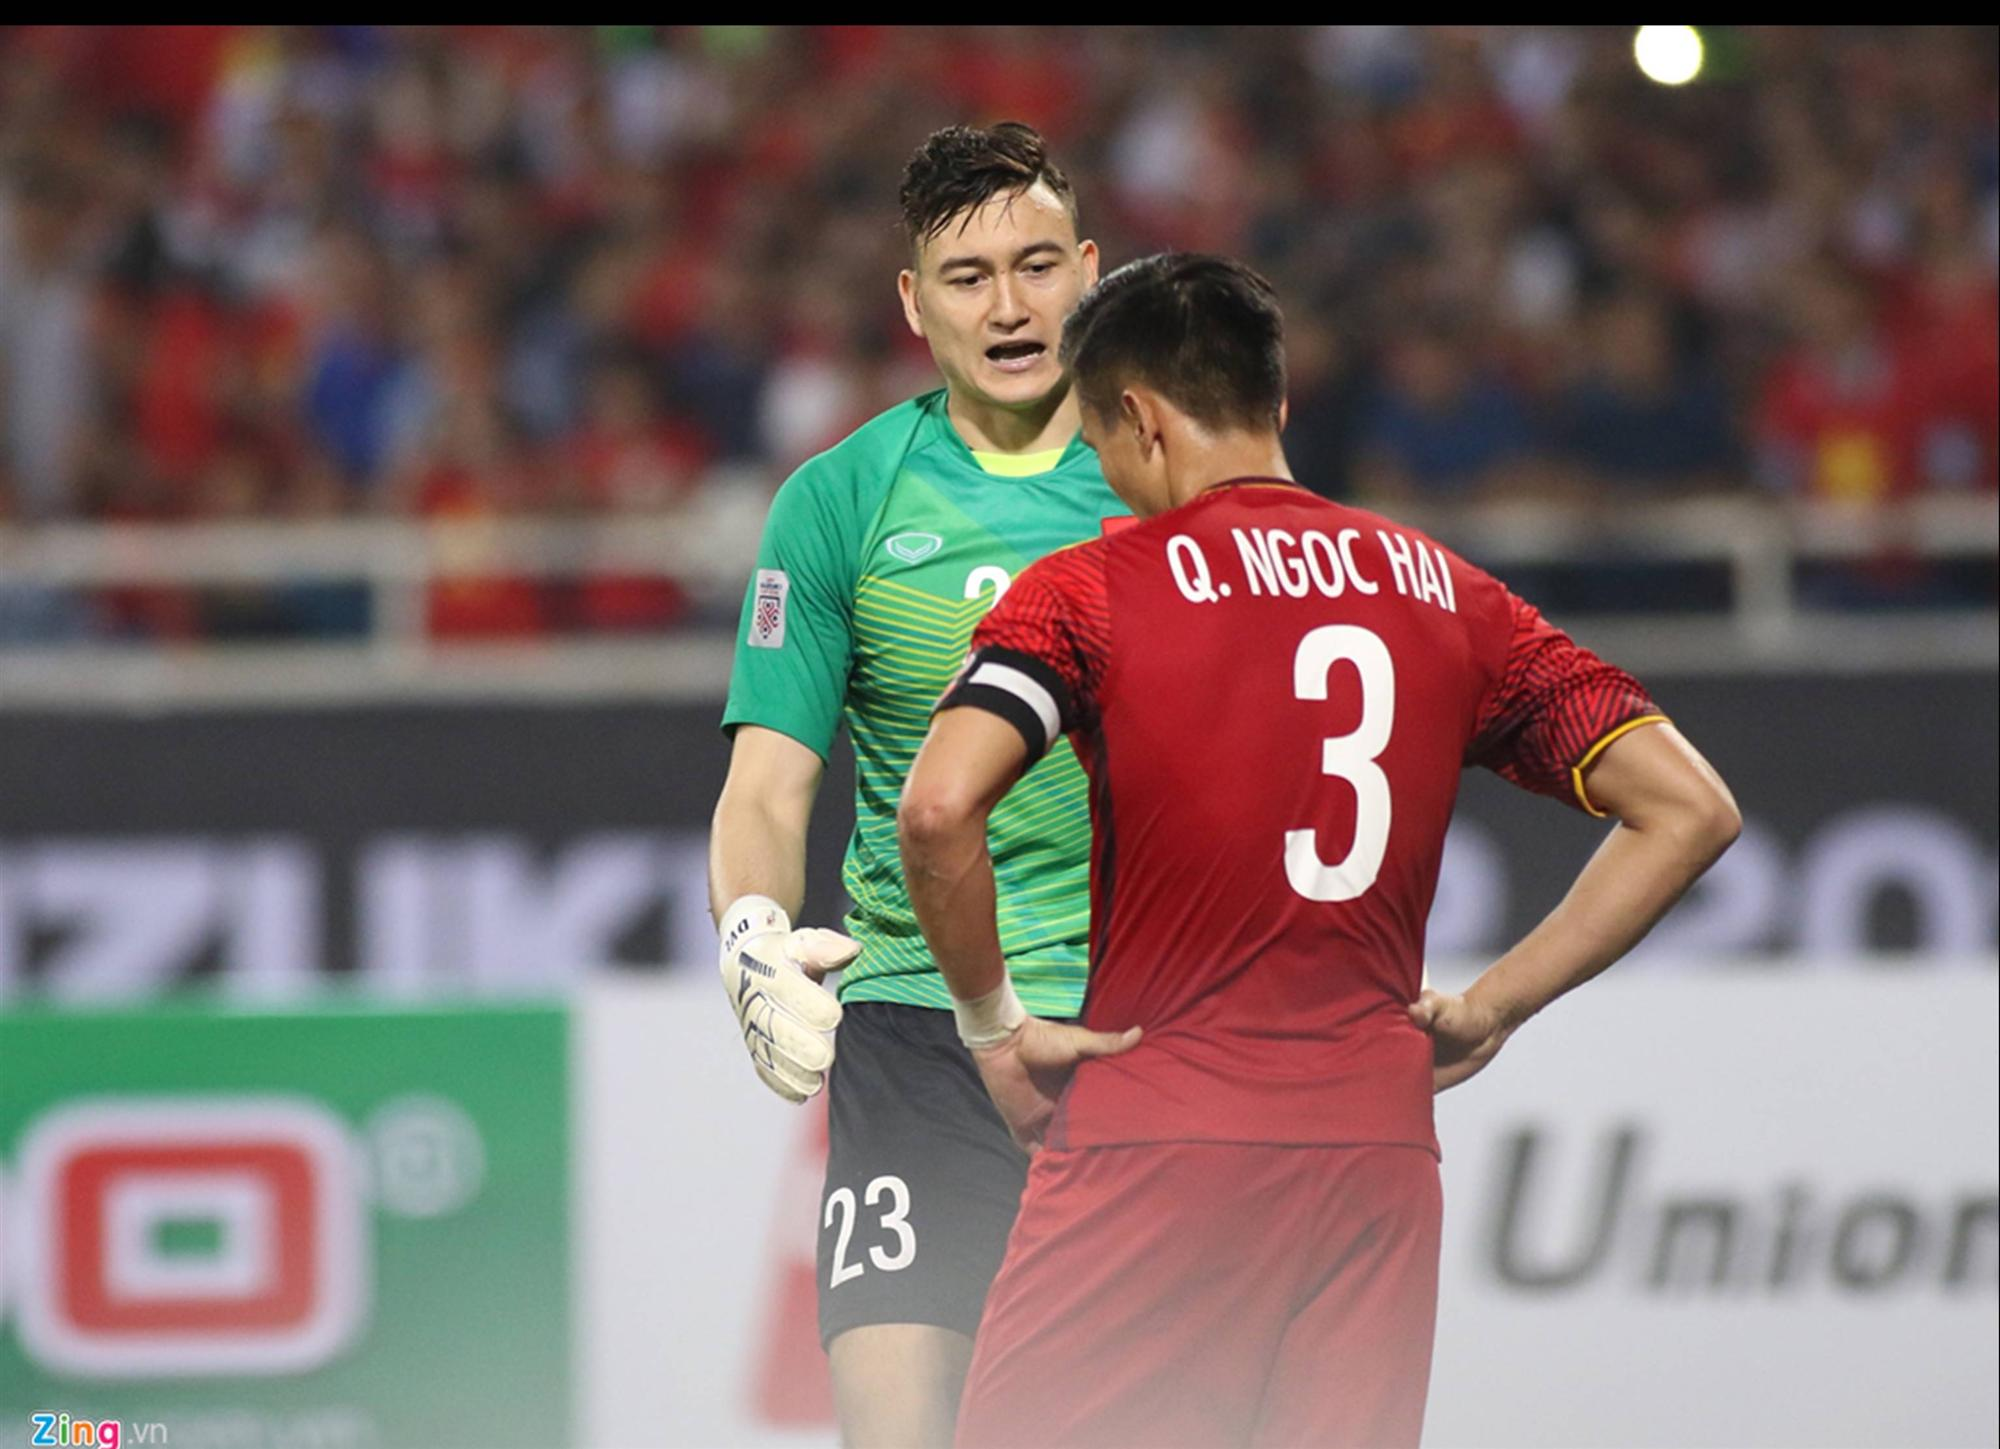 HLV Park và 2 năm đưa bóng đá Việt Nam lên bản đồ châu lục-2